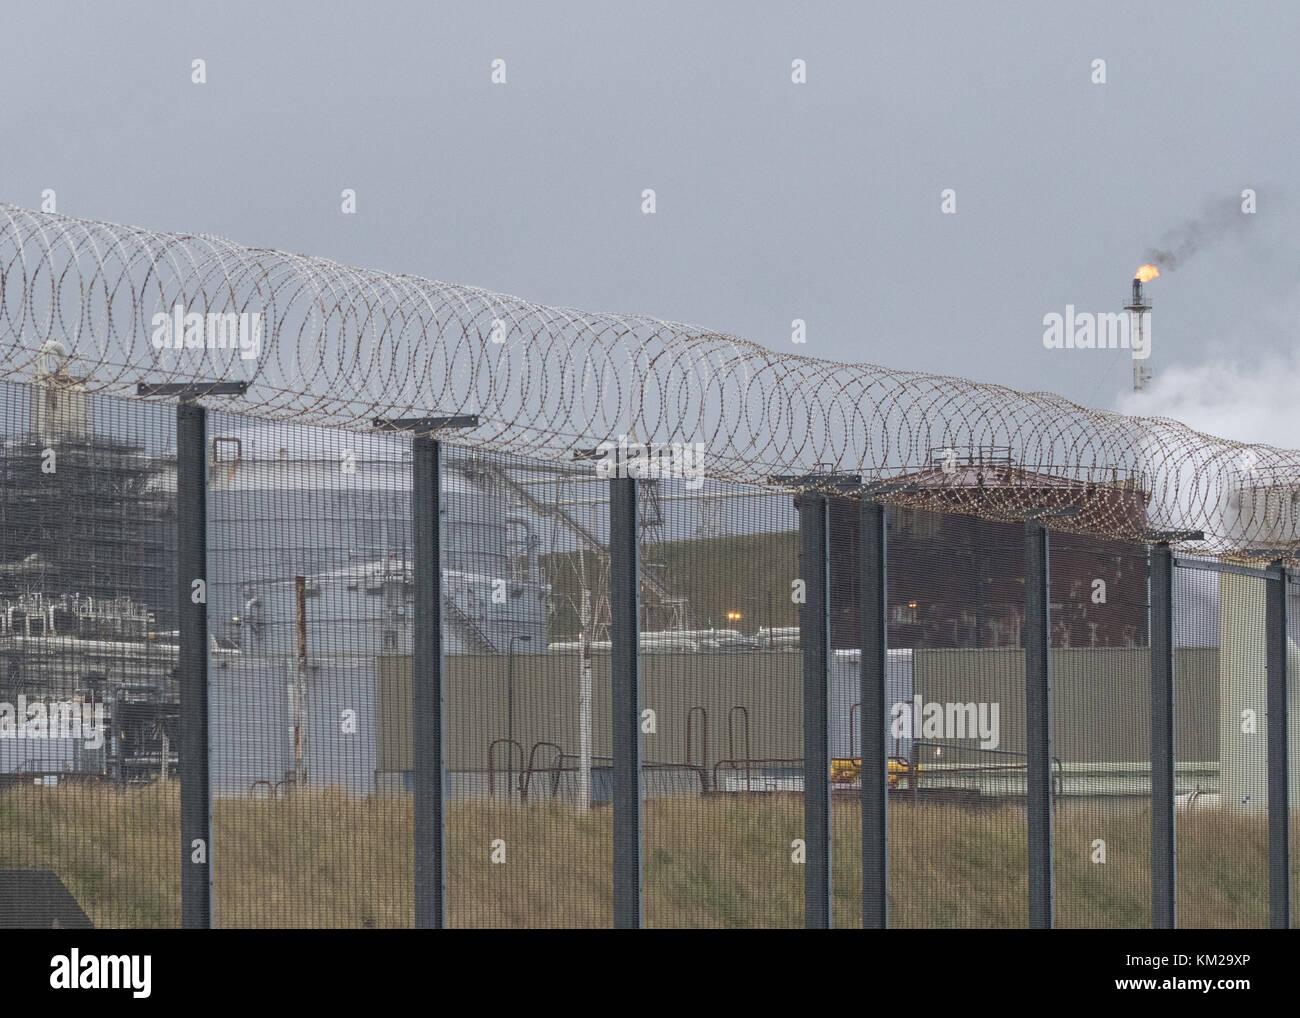 Clôture de sécurité à fil de rasoir à Sullom Voe oil terminal, shetland, Scotland, UK Photo Stock